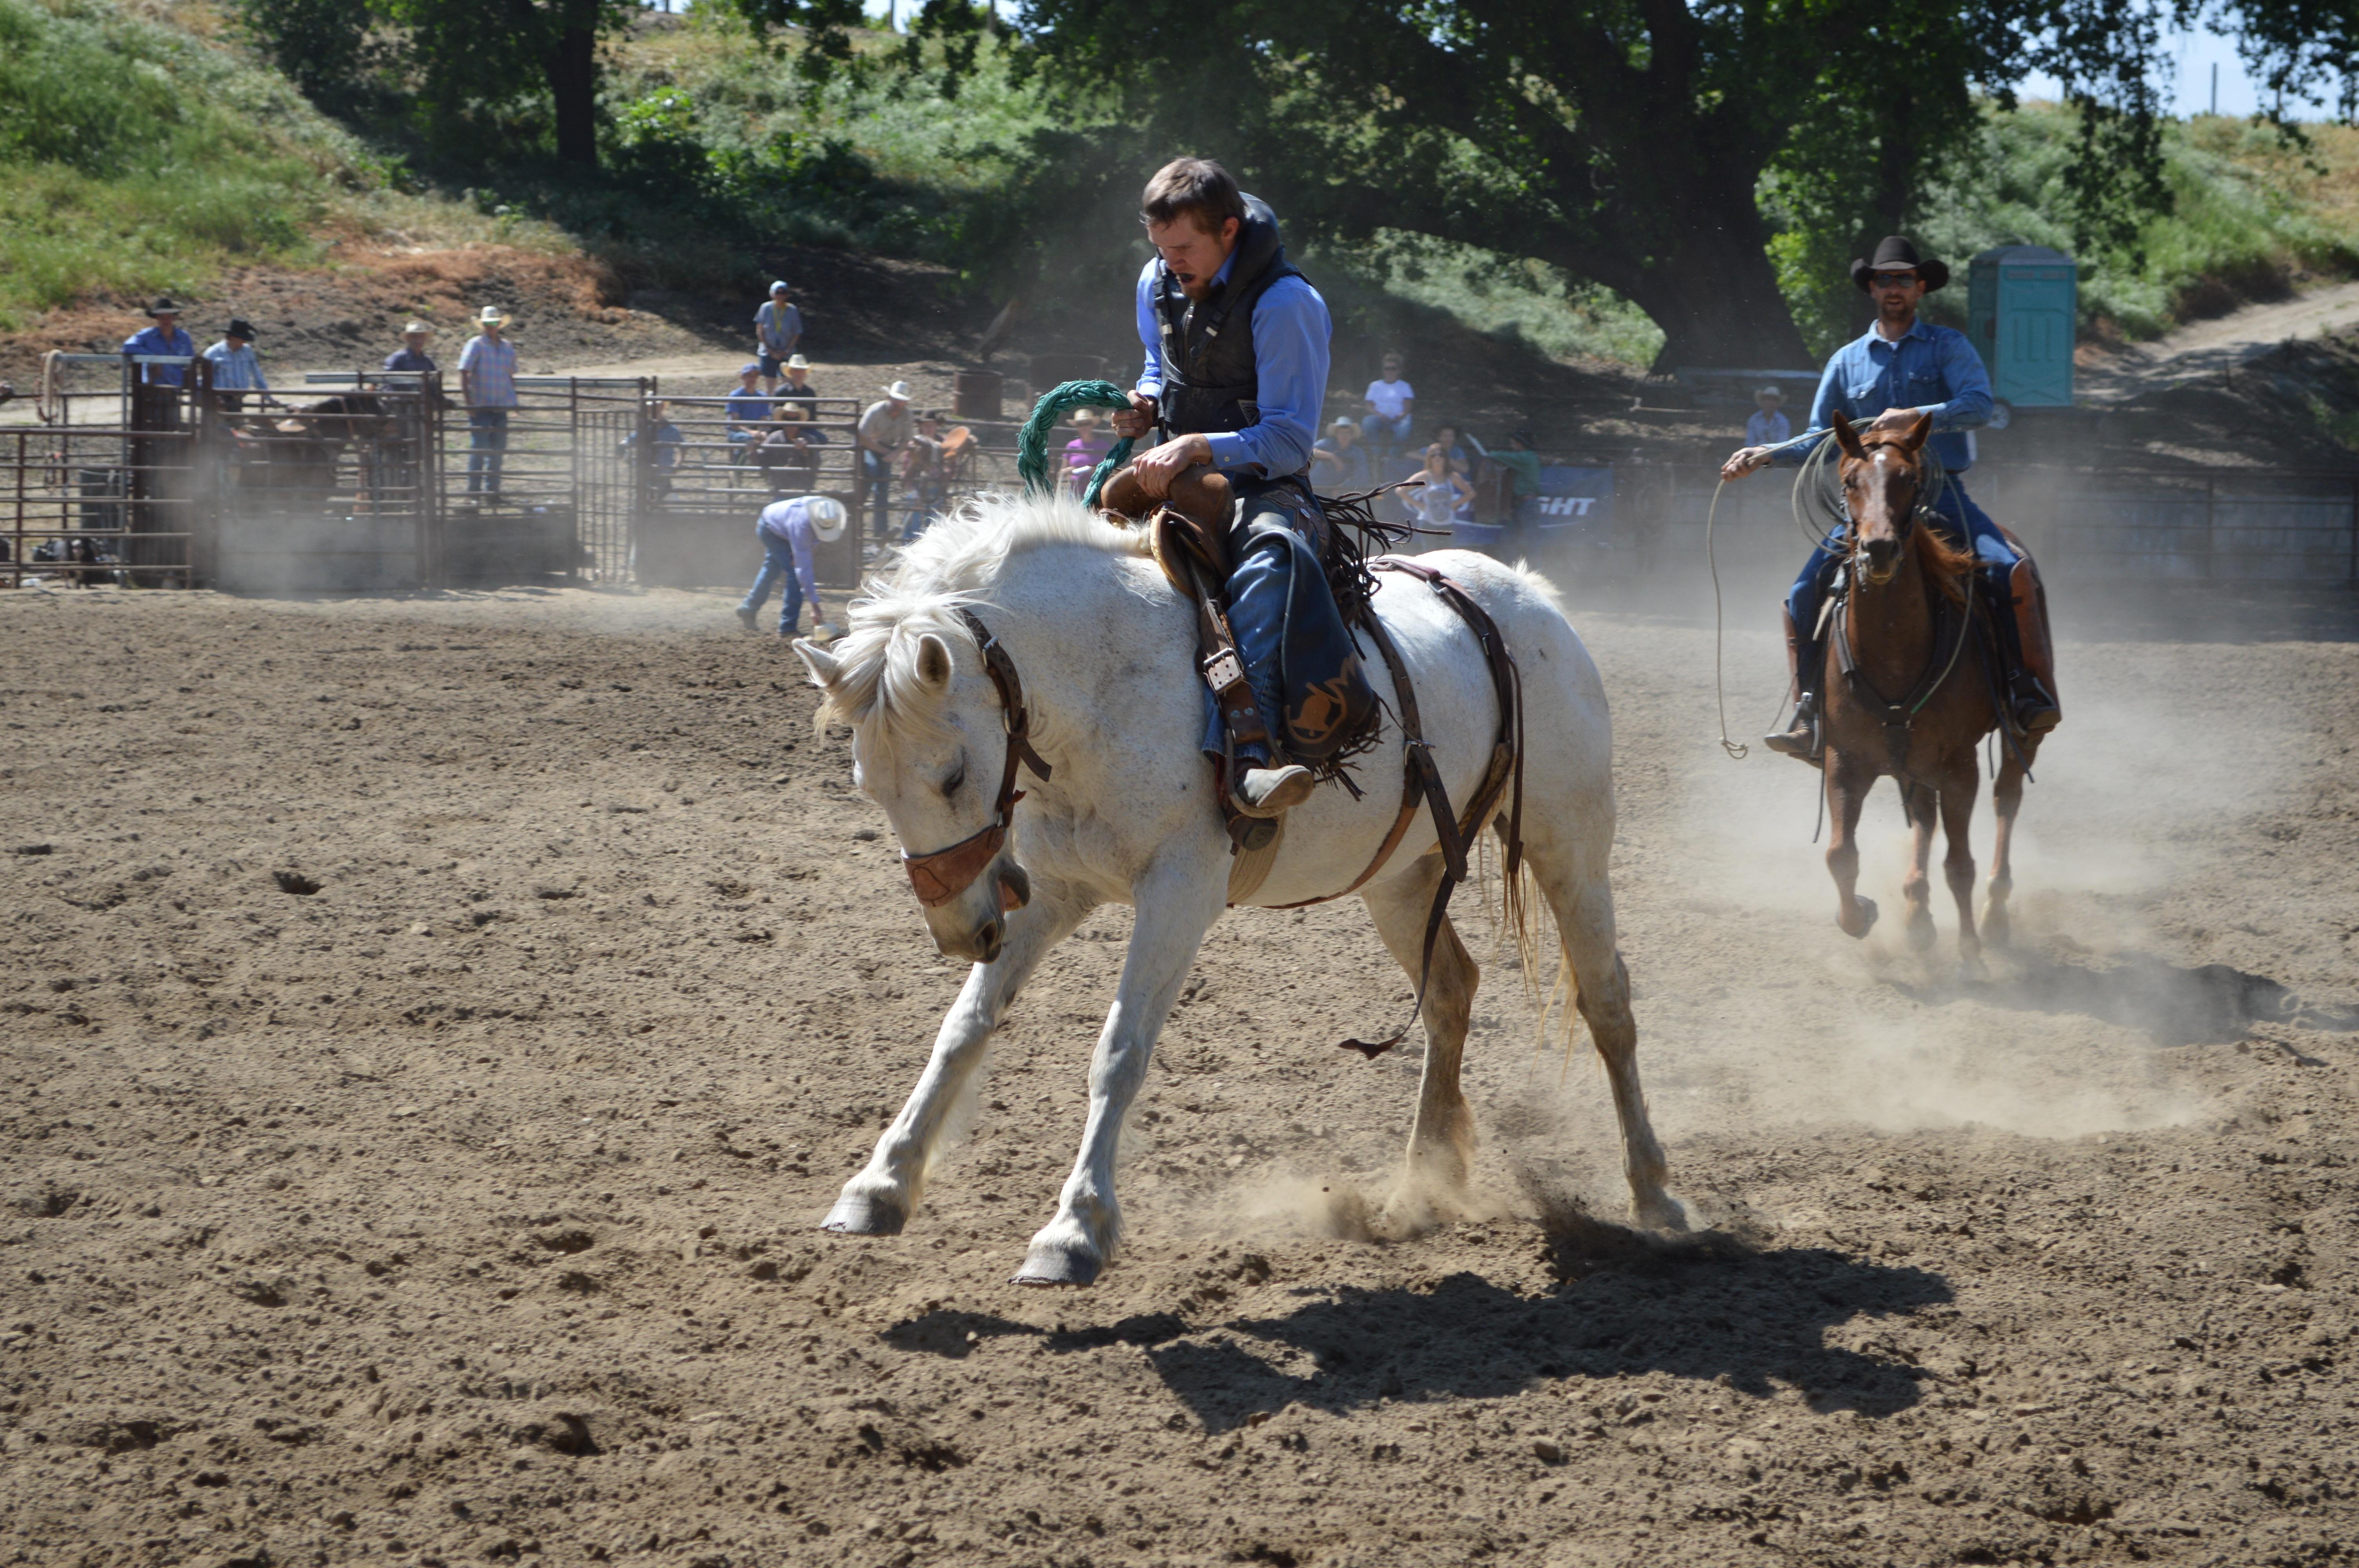 Обучение верховая езда бесплатно институты дистанционного обучения украины